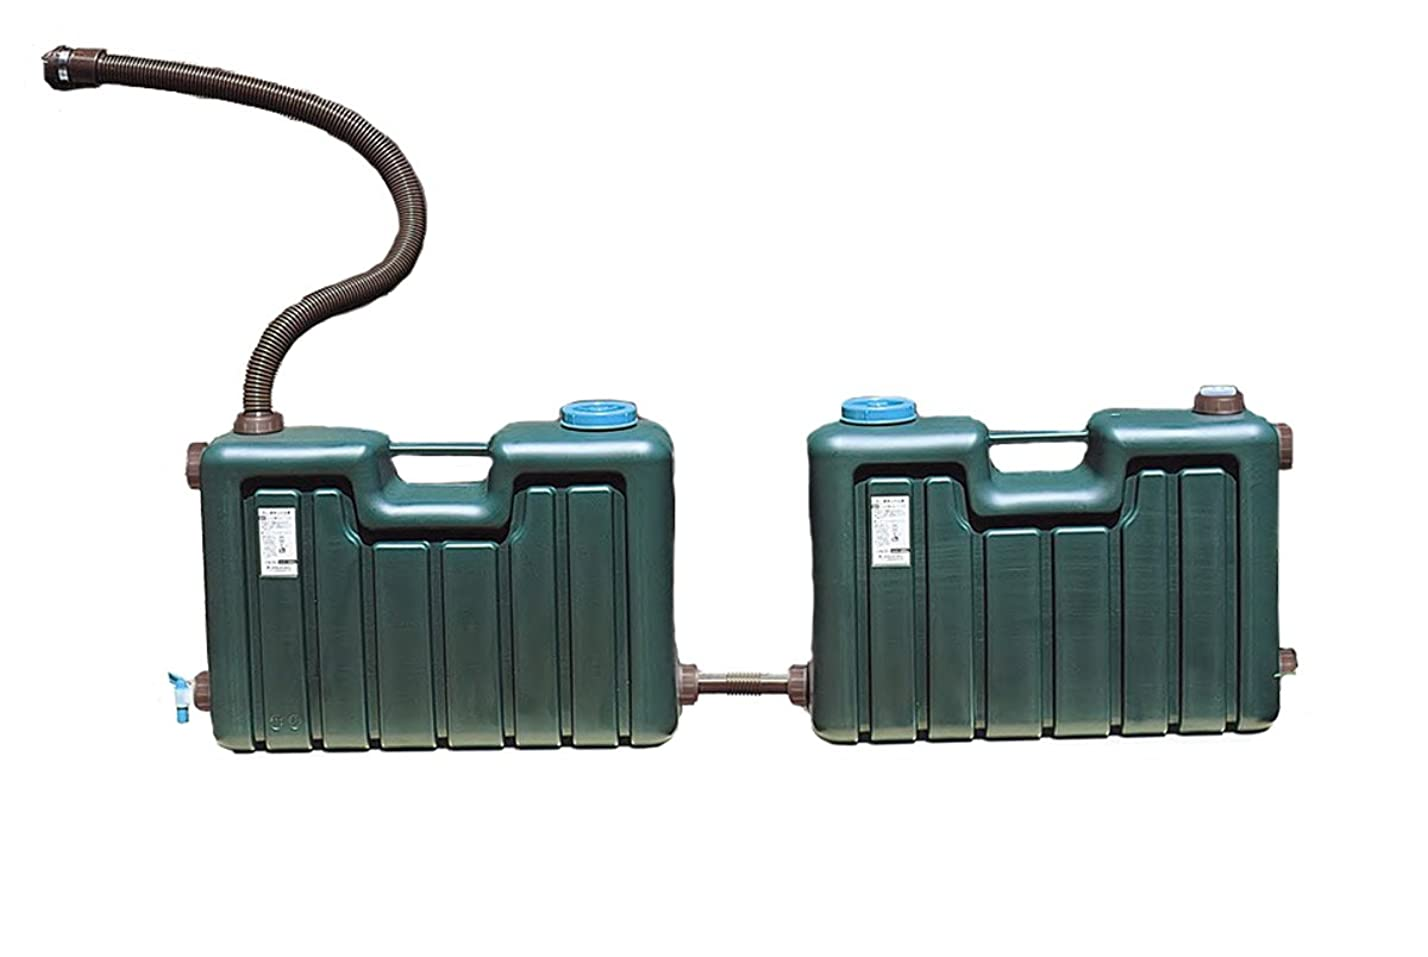 処理ハウスチャーミングミツギロン 屋外用貯水用品 節約 雨水タンク 100Lセット(50L×2) EG-26 ダークグリーン